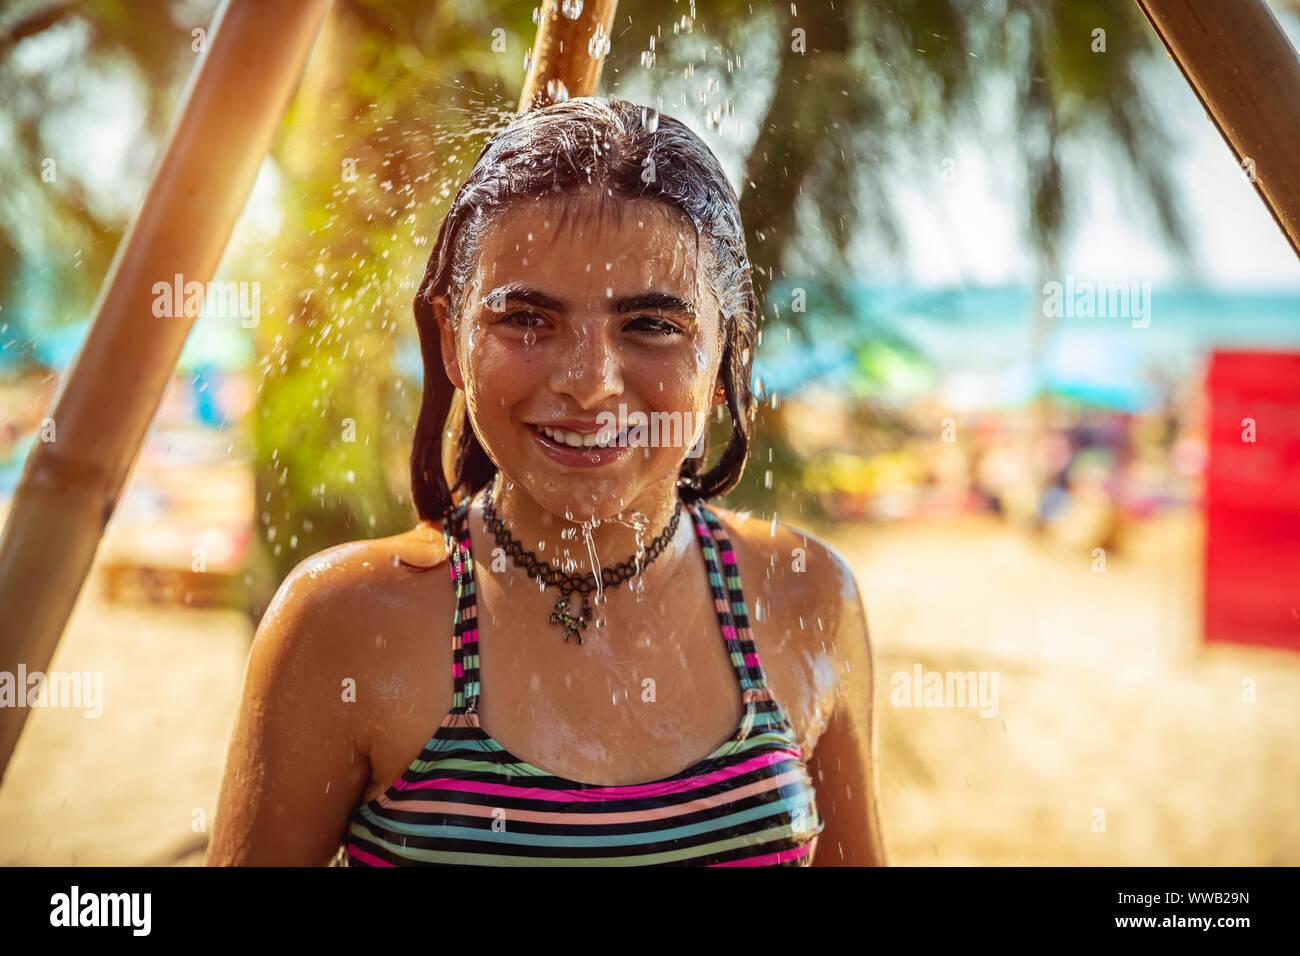 Portrait d'une magnifique petite fille sur la plage resort, enfant heureux de prendre douche sur la plage, s'amuser en plein air, profitant des vacances d'été Banque D'Images